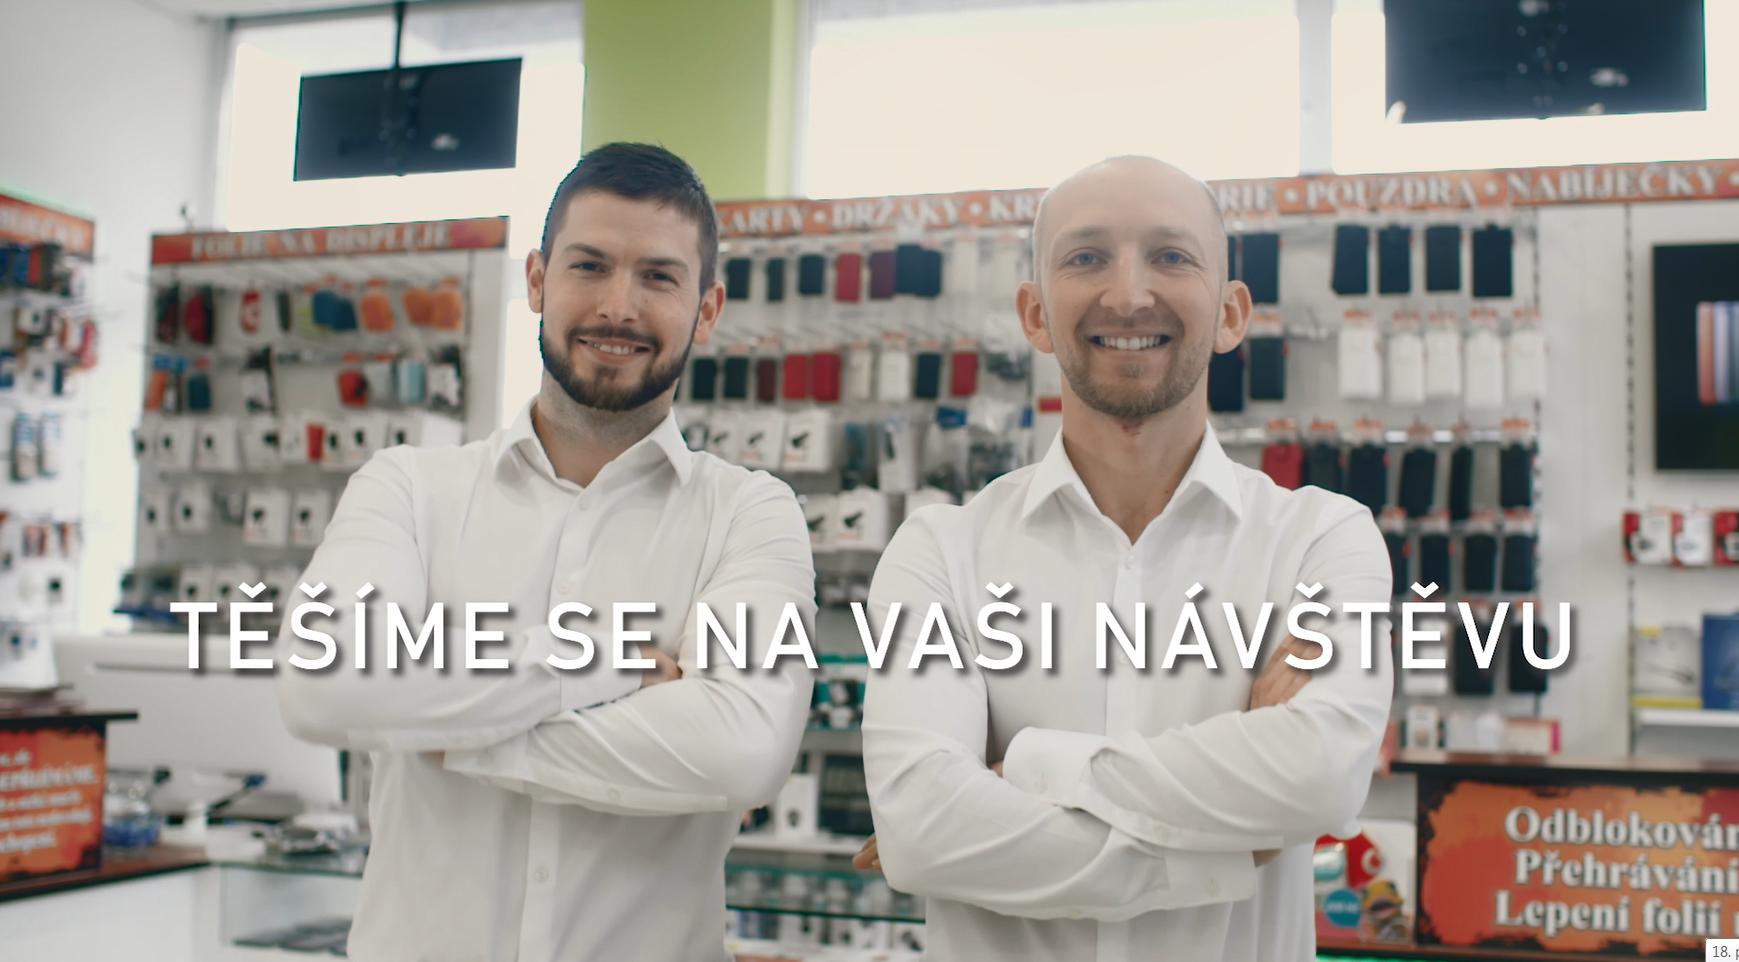 prodavaci_ProMobily.cz